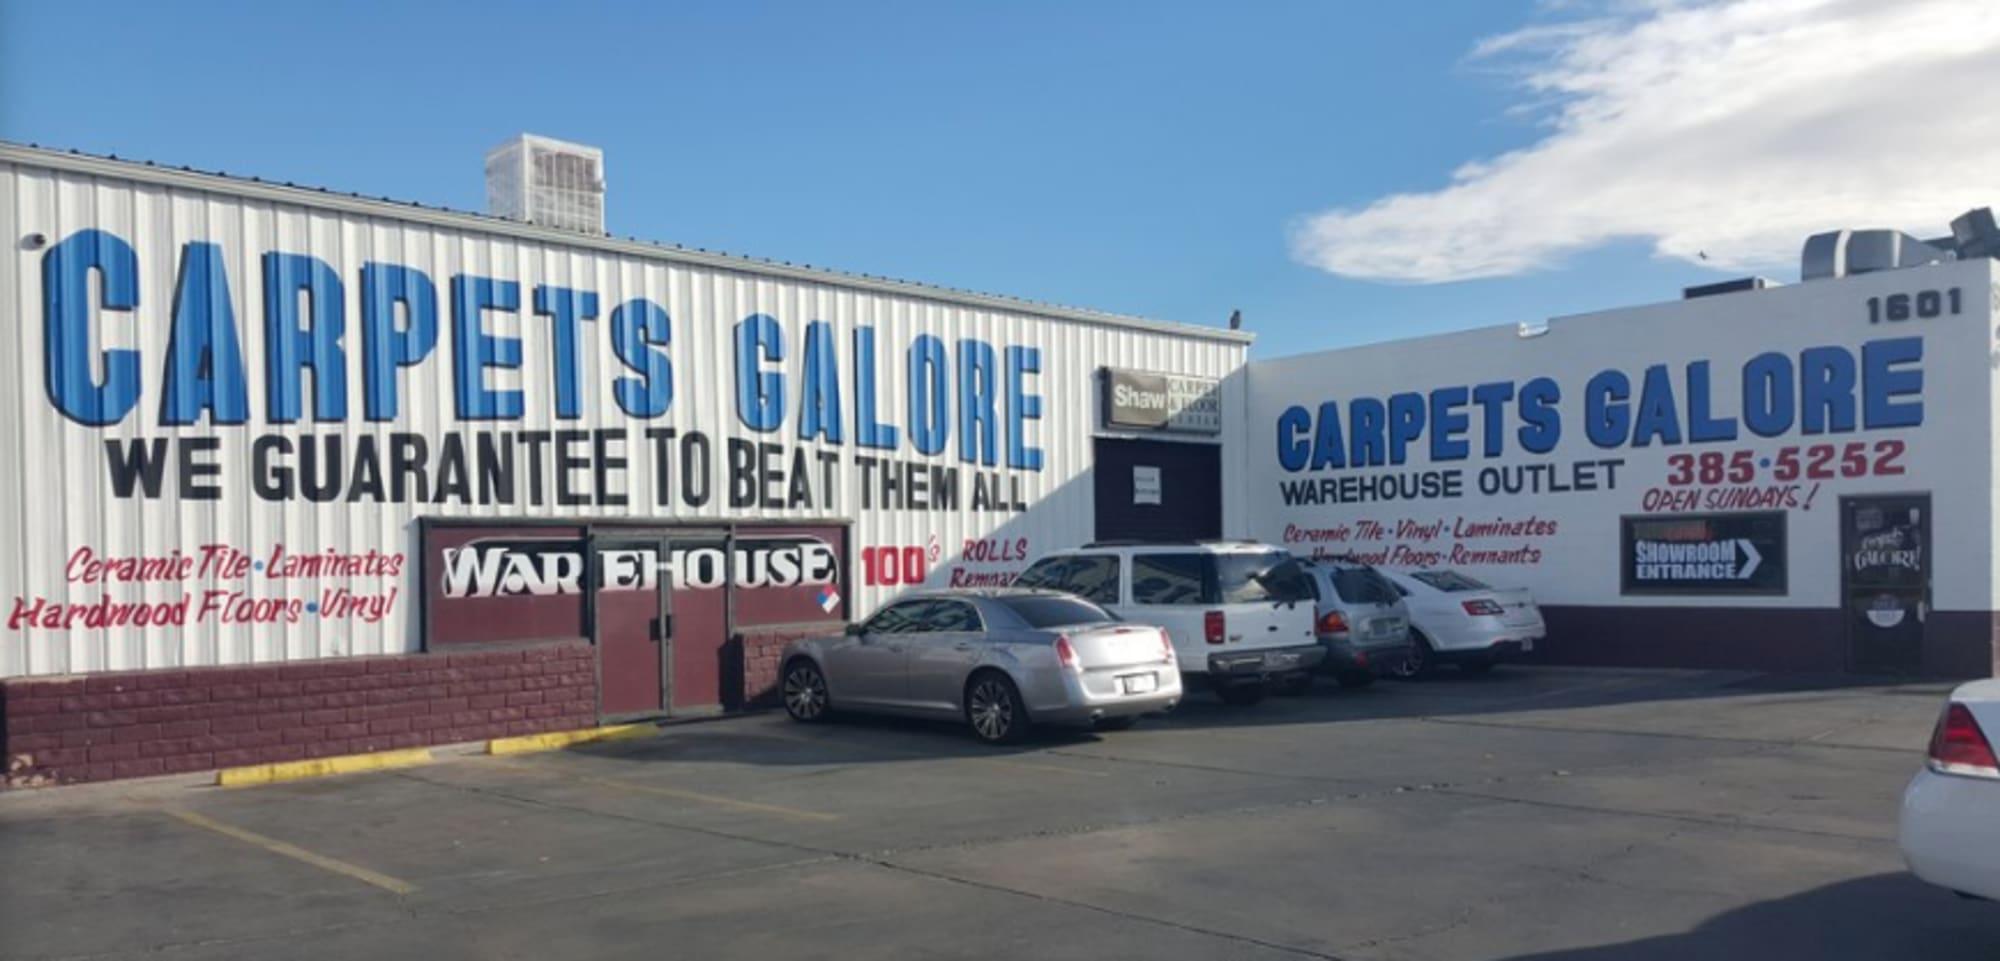 Carpets Galore - 1601 S Main St Las Vegas, NV 89104